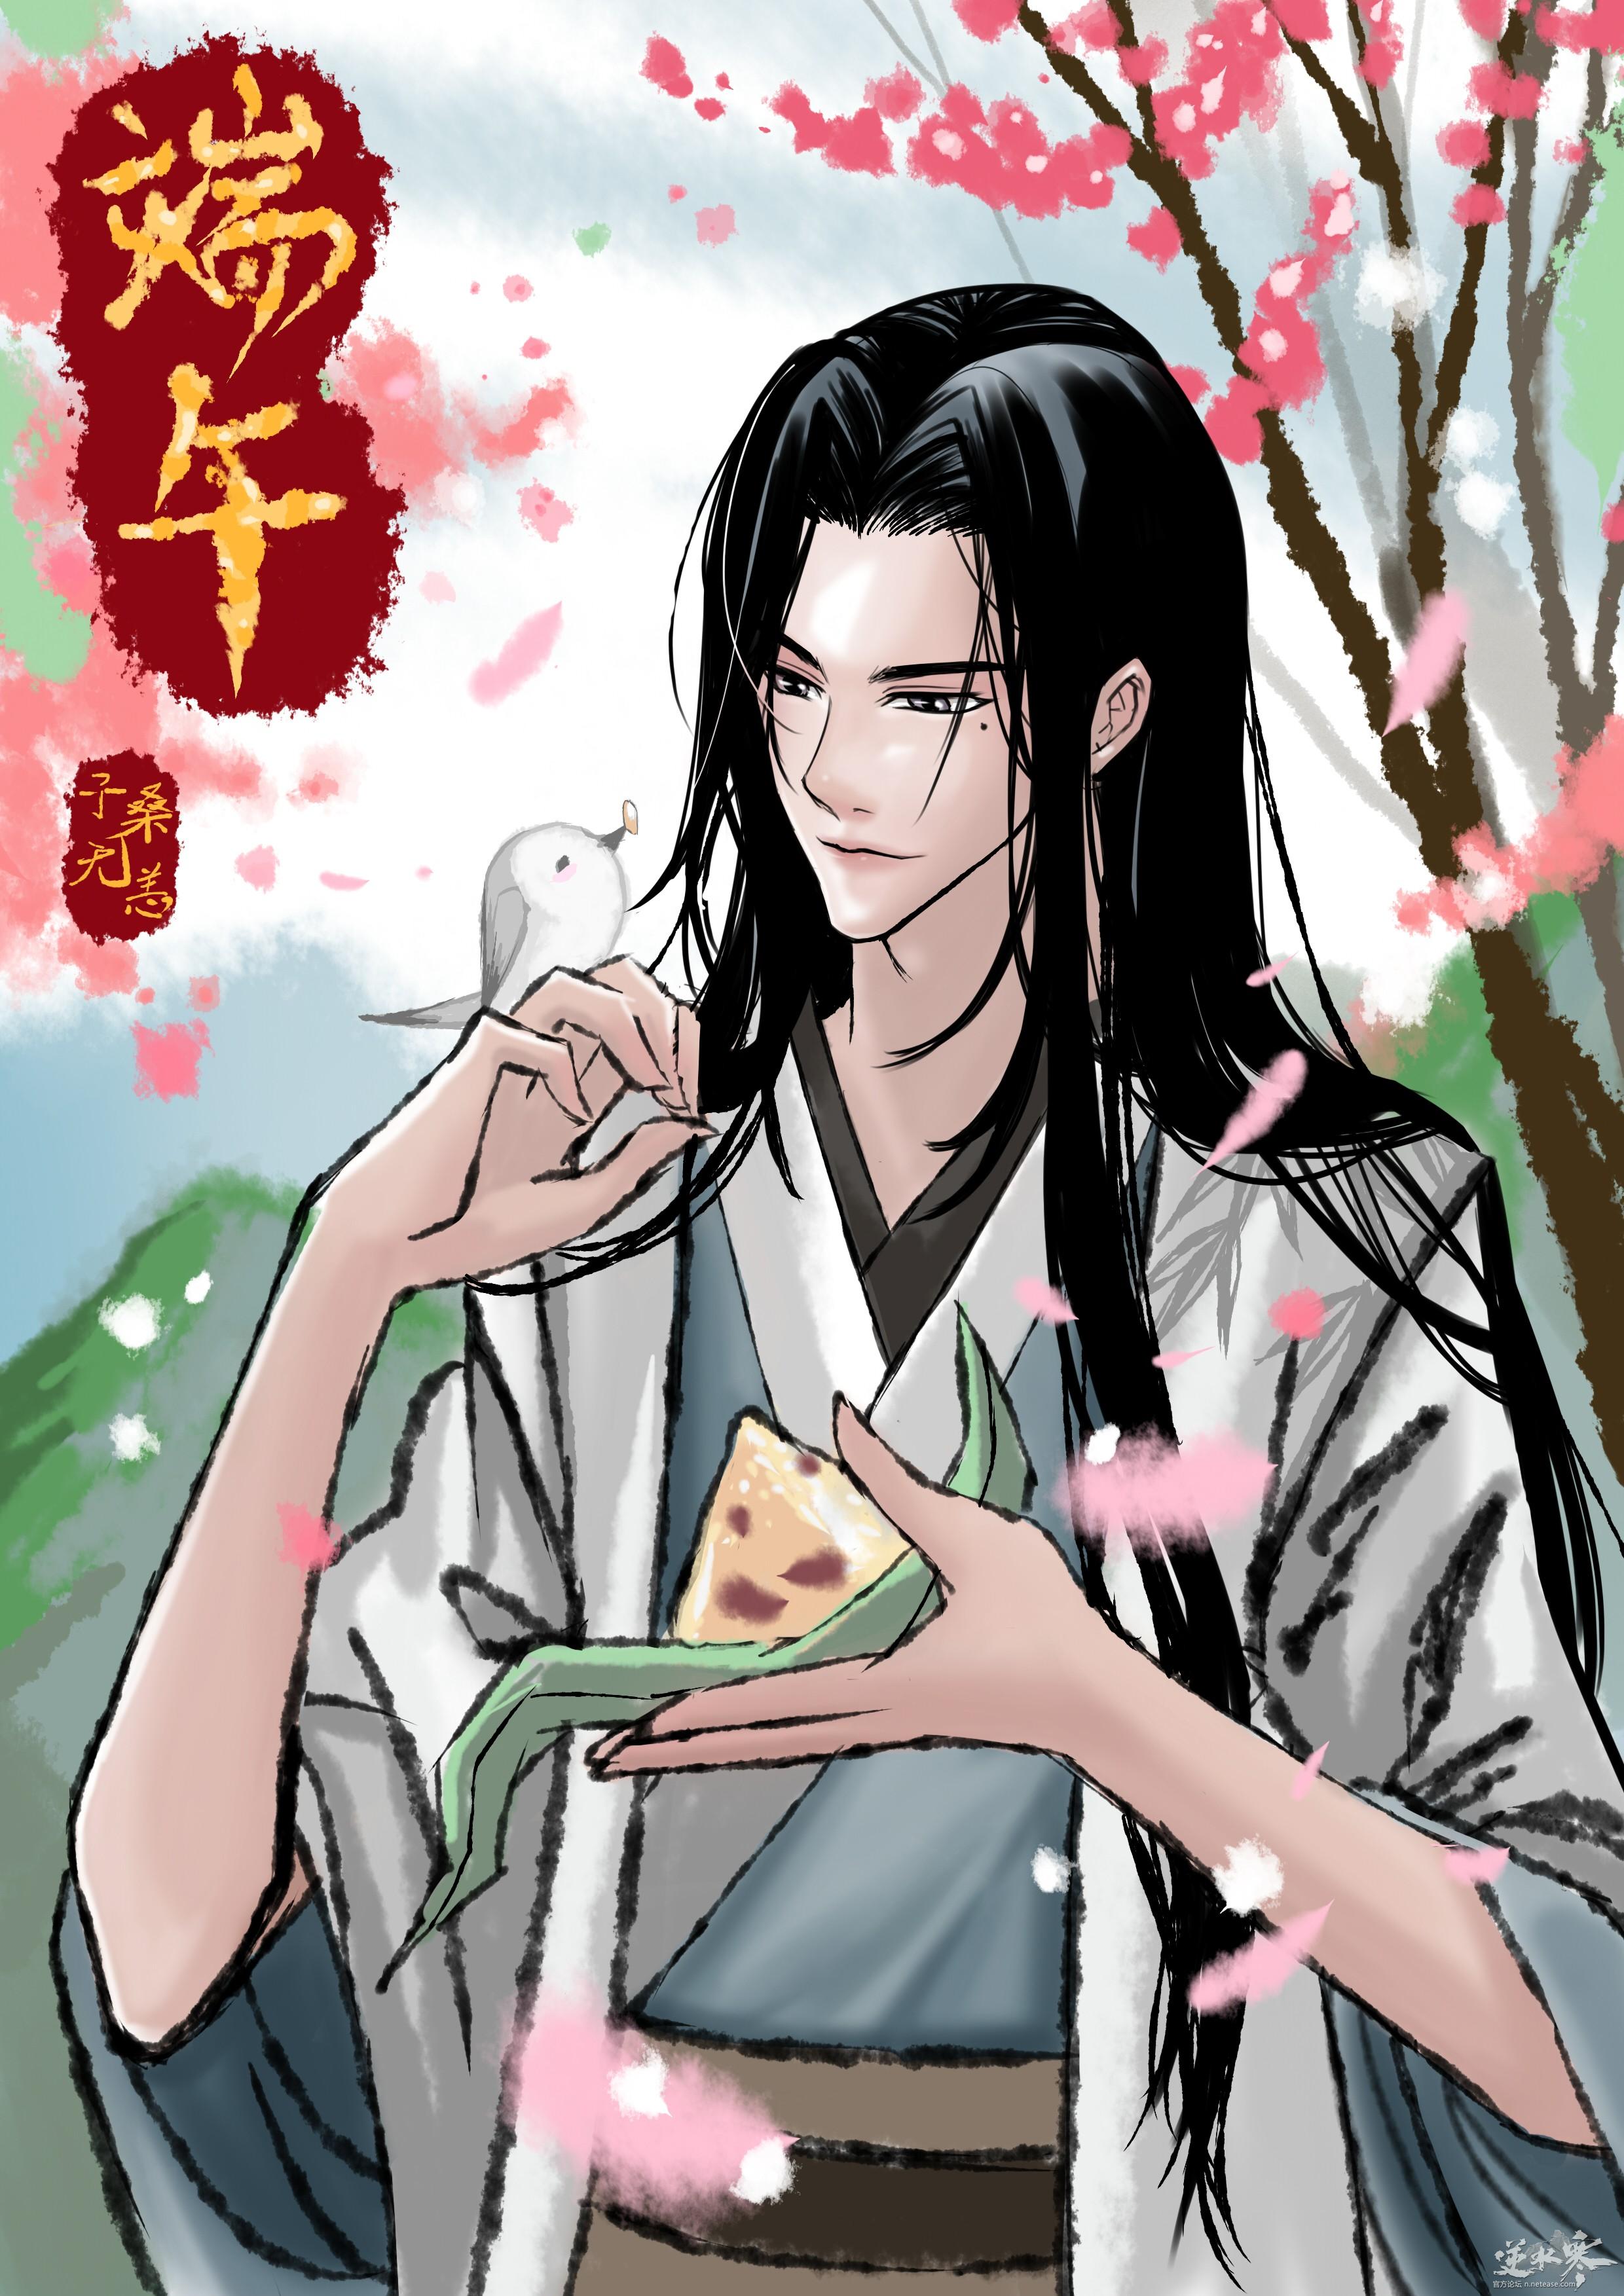 【自在门】【手绘】【子桑无恙摸鱼】端午节——吃粽子的神相小哥哥